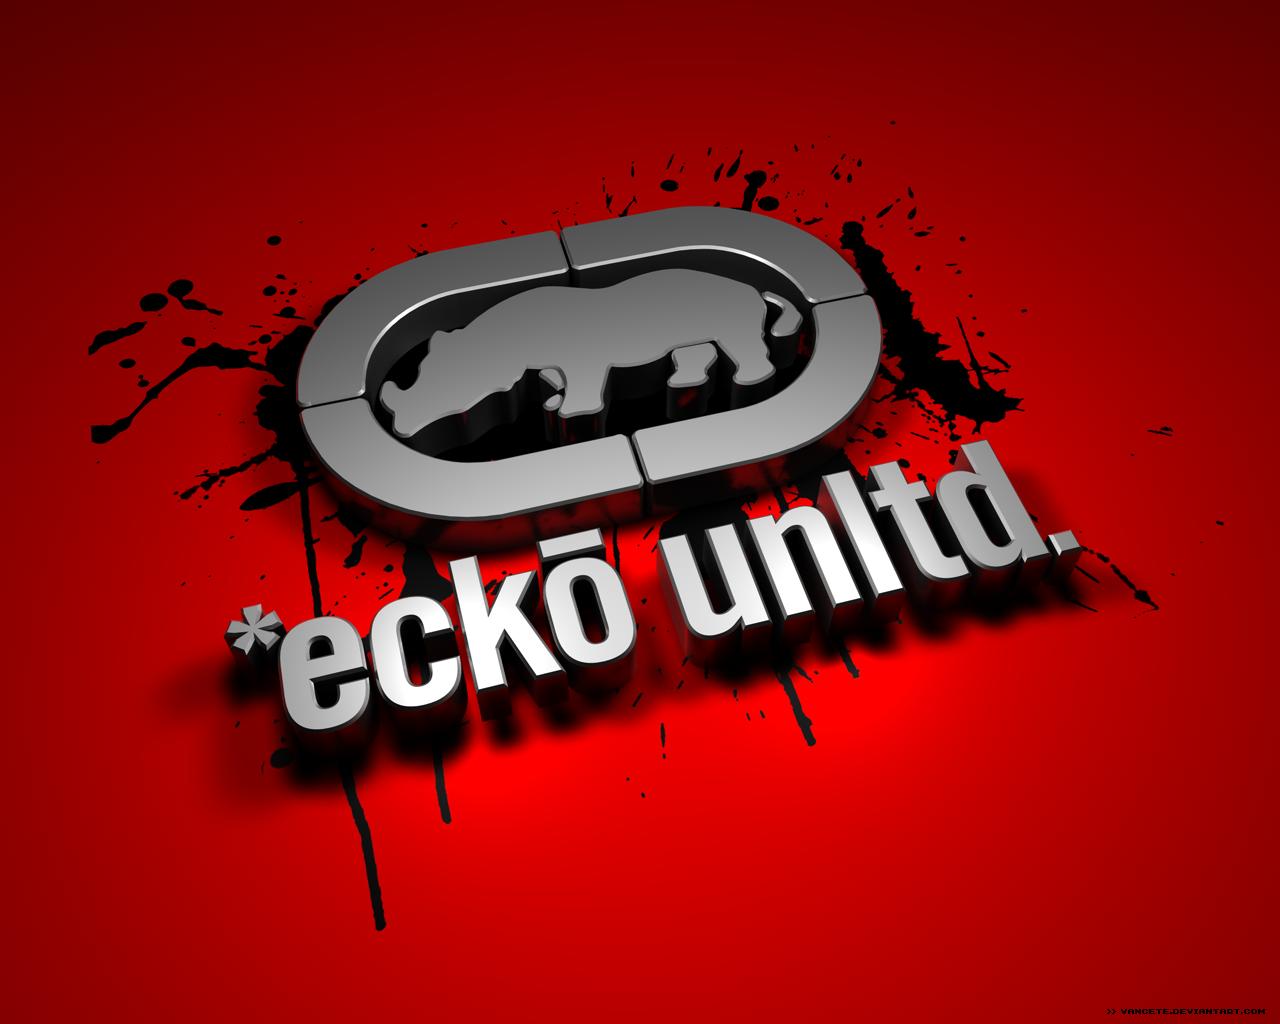 http://1.bp.blogspot.com/_utf8X8sVzx0/S9MrksYZ_DI/AAAAAAAAAiE/cW4CnRYlZUE/s1600/Red_Ecko_Unltd_Wallpaper_by_Vancete.png